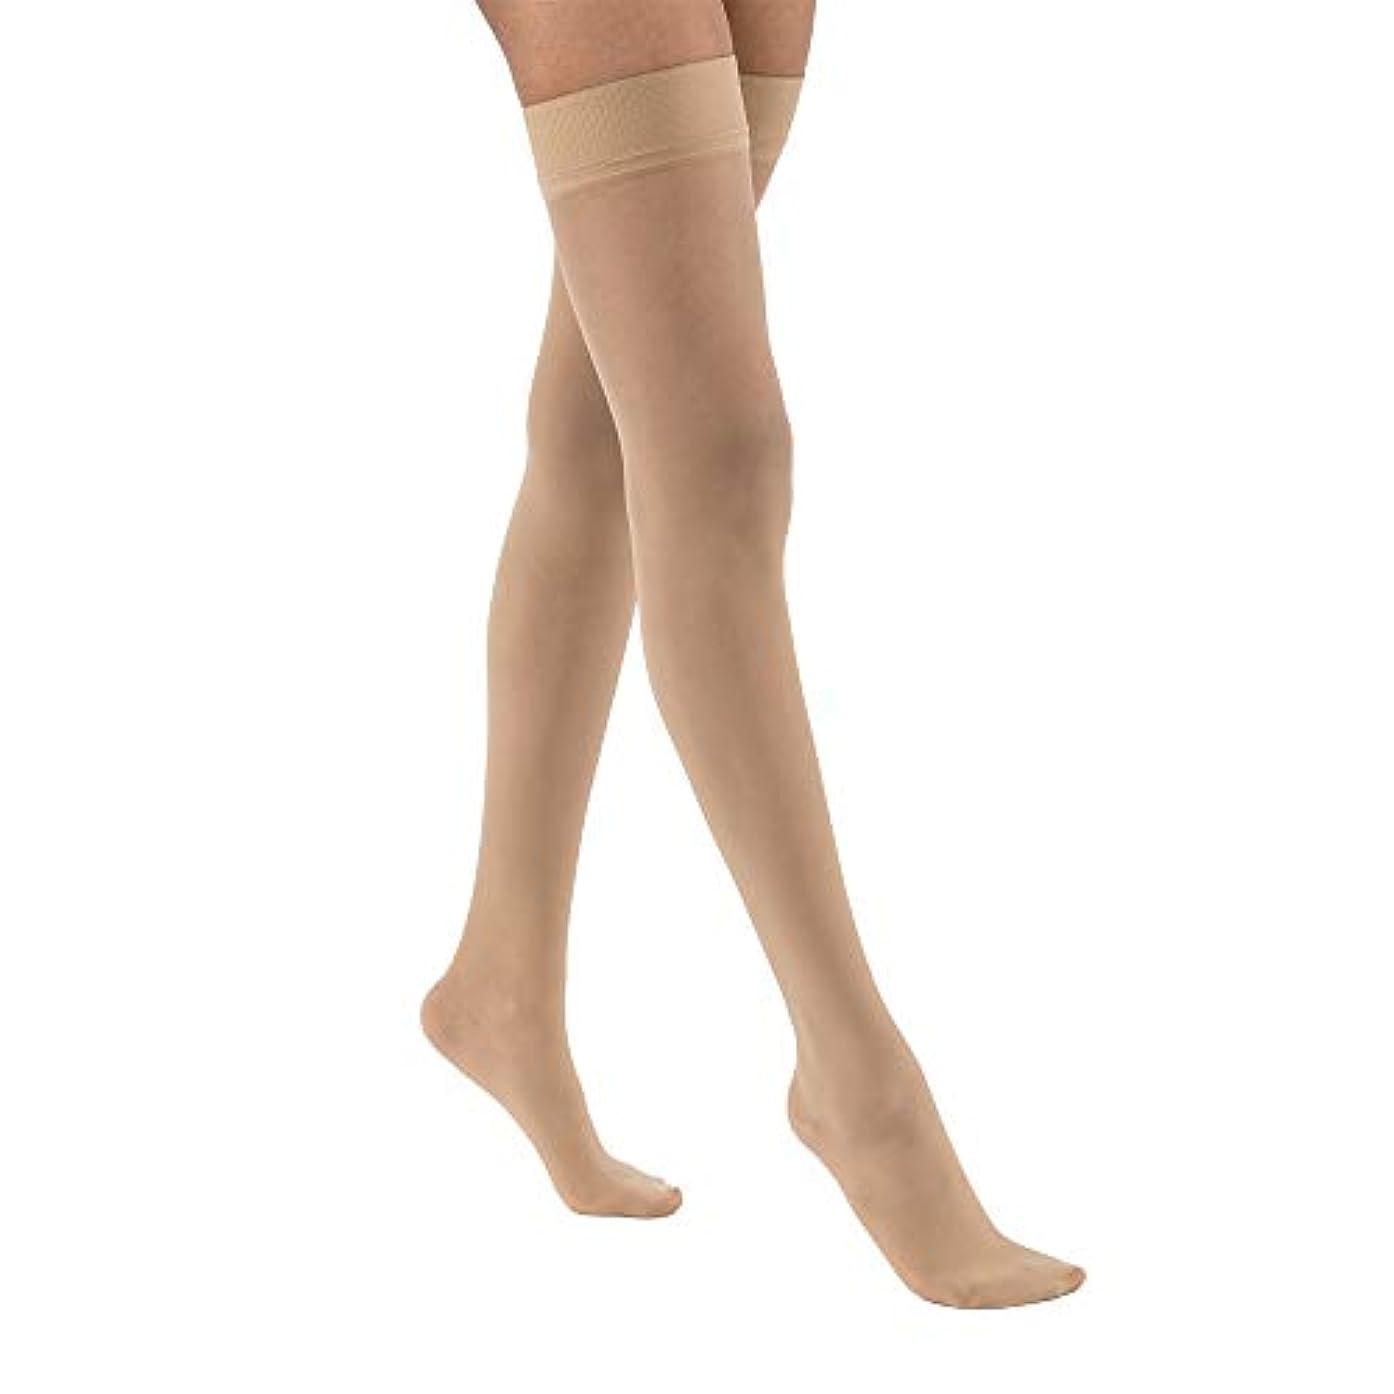 ポスター敗北微弱Jobst 122300 Ultrasheer Thigh Highs 15-20 mmHg with Silicone Dotted Top Band - Size & Color- Natural Small by...